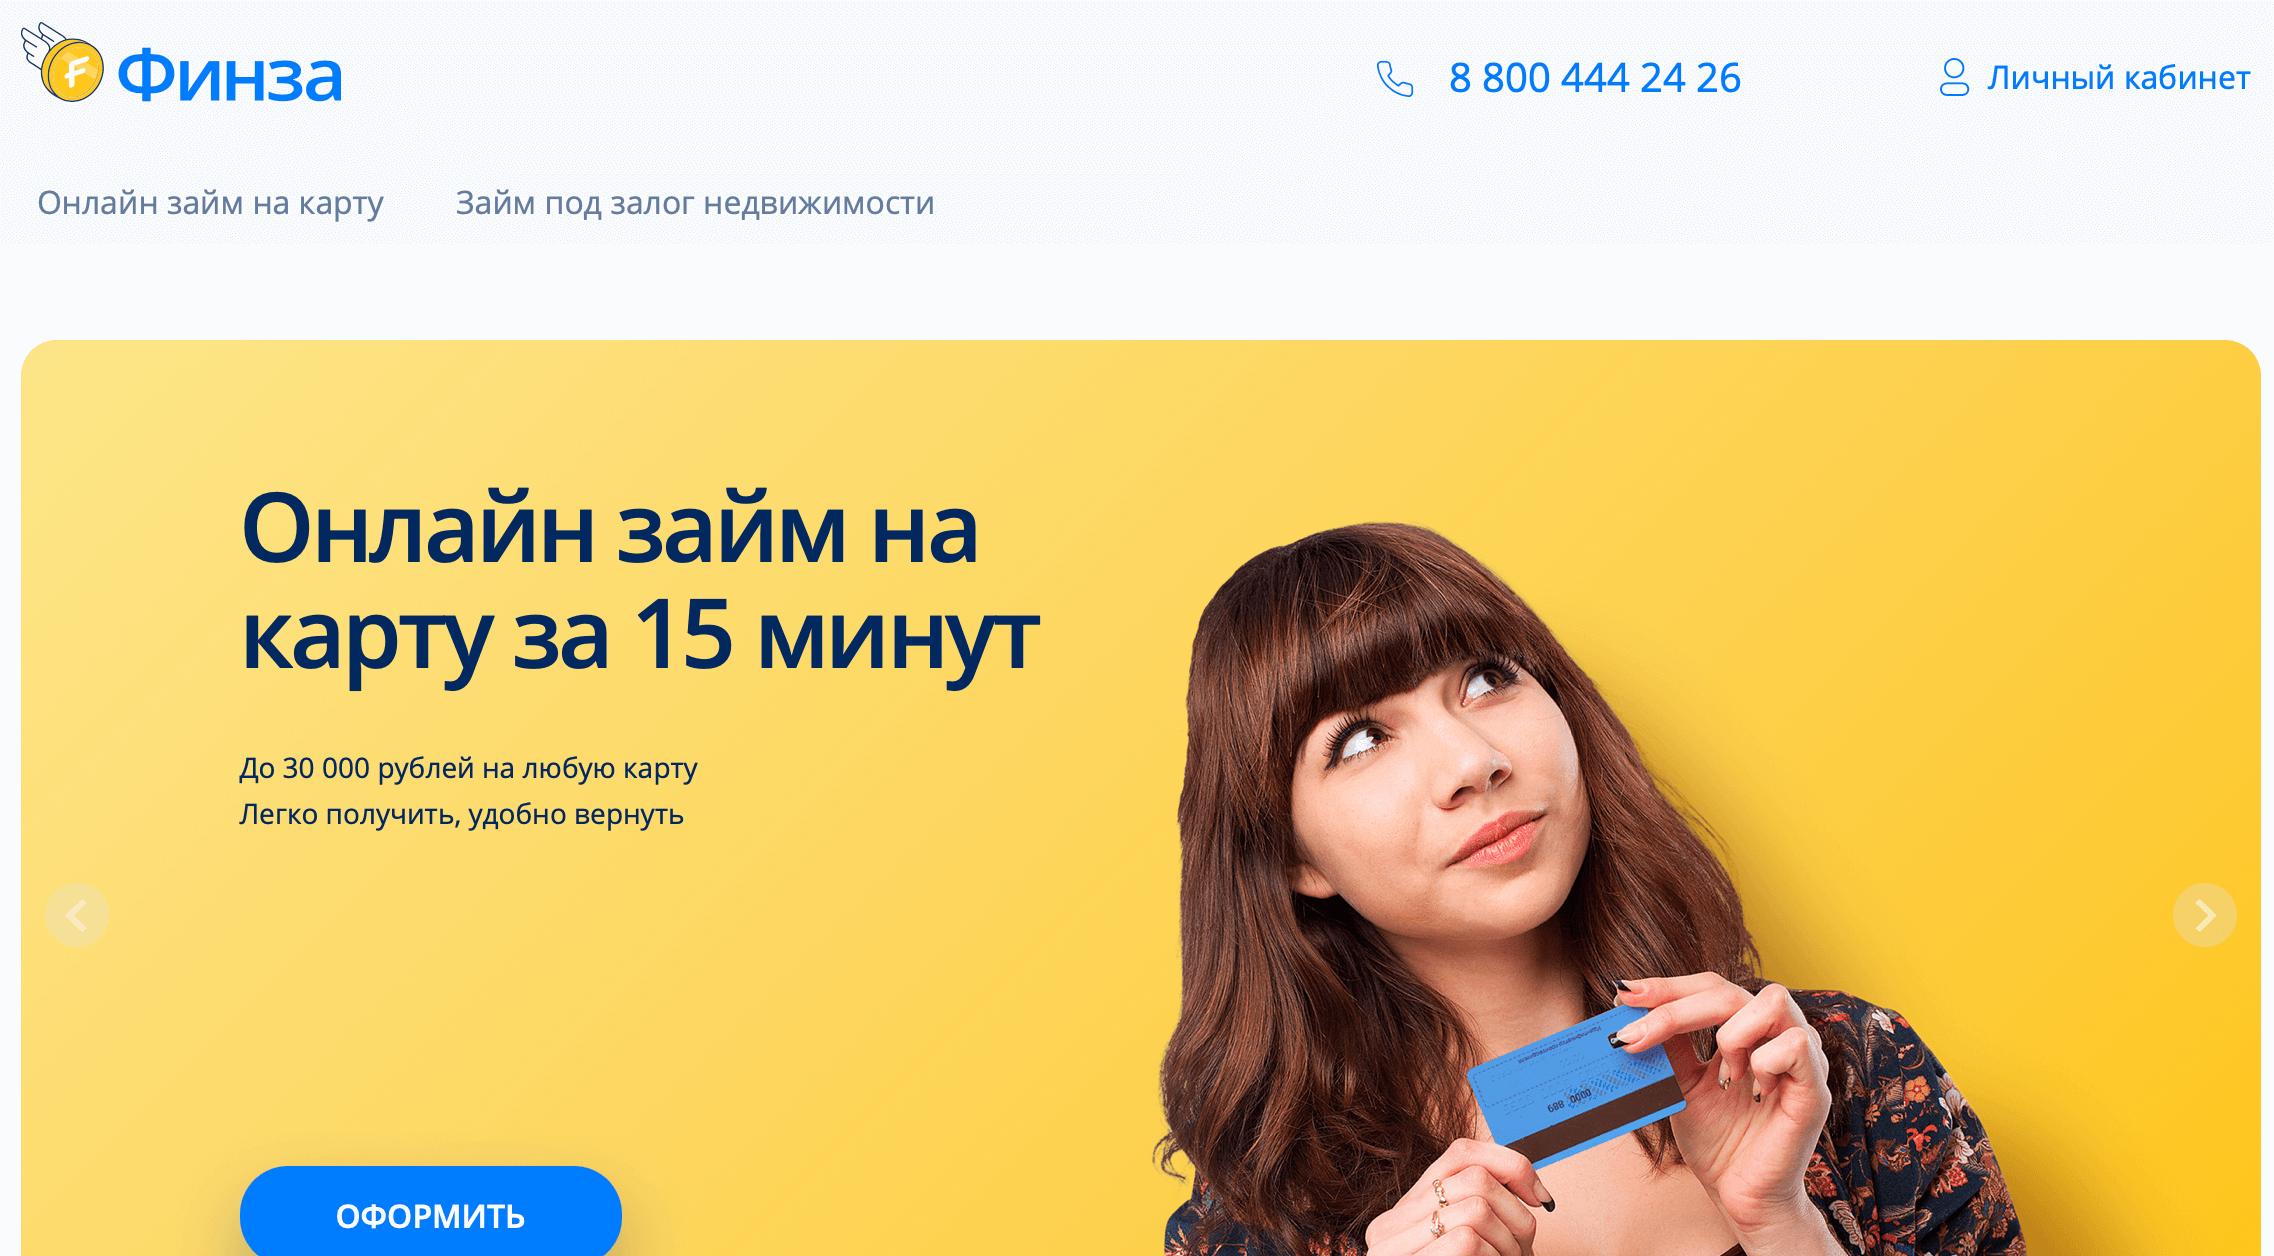 Сайт Финза